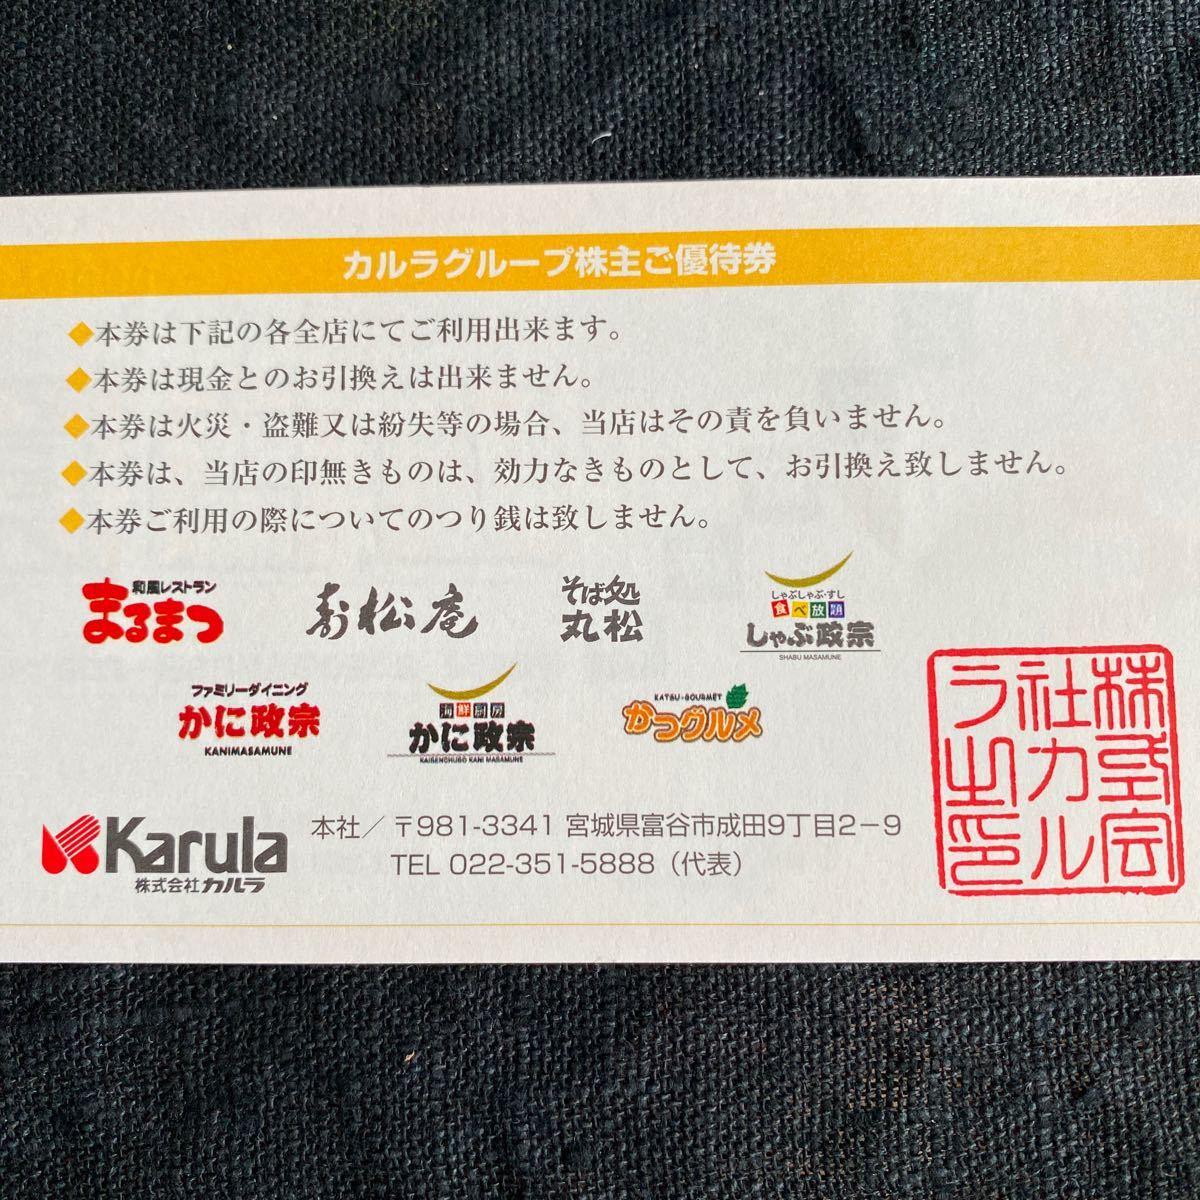 最新★ karula カルラ 株主優待券 1000円分_画像2